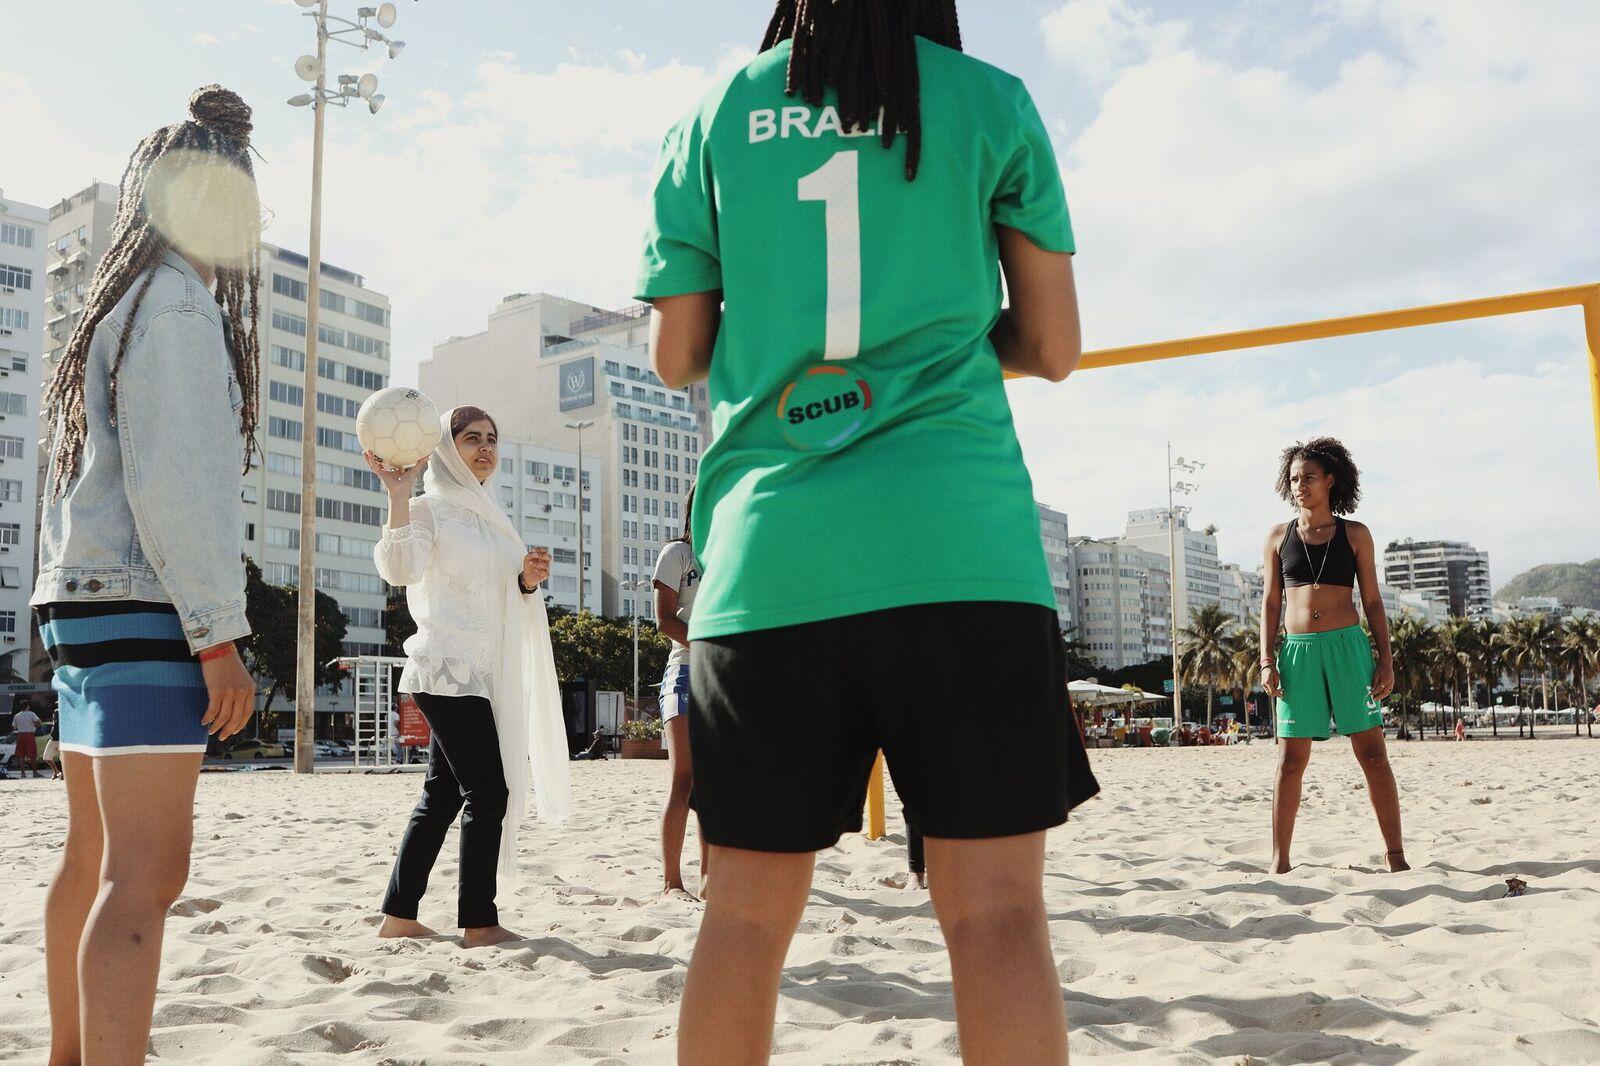 Malala desfruta de um jogo com a equipe vencedora do Street Child United Brazilian Girls. (Cortesia de Luisa Dorr / Malala Fund)